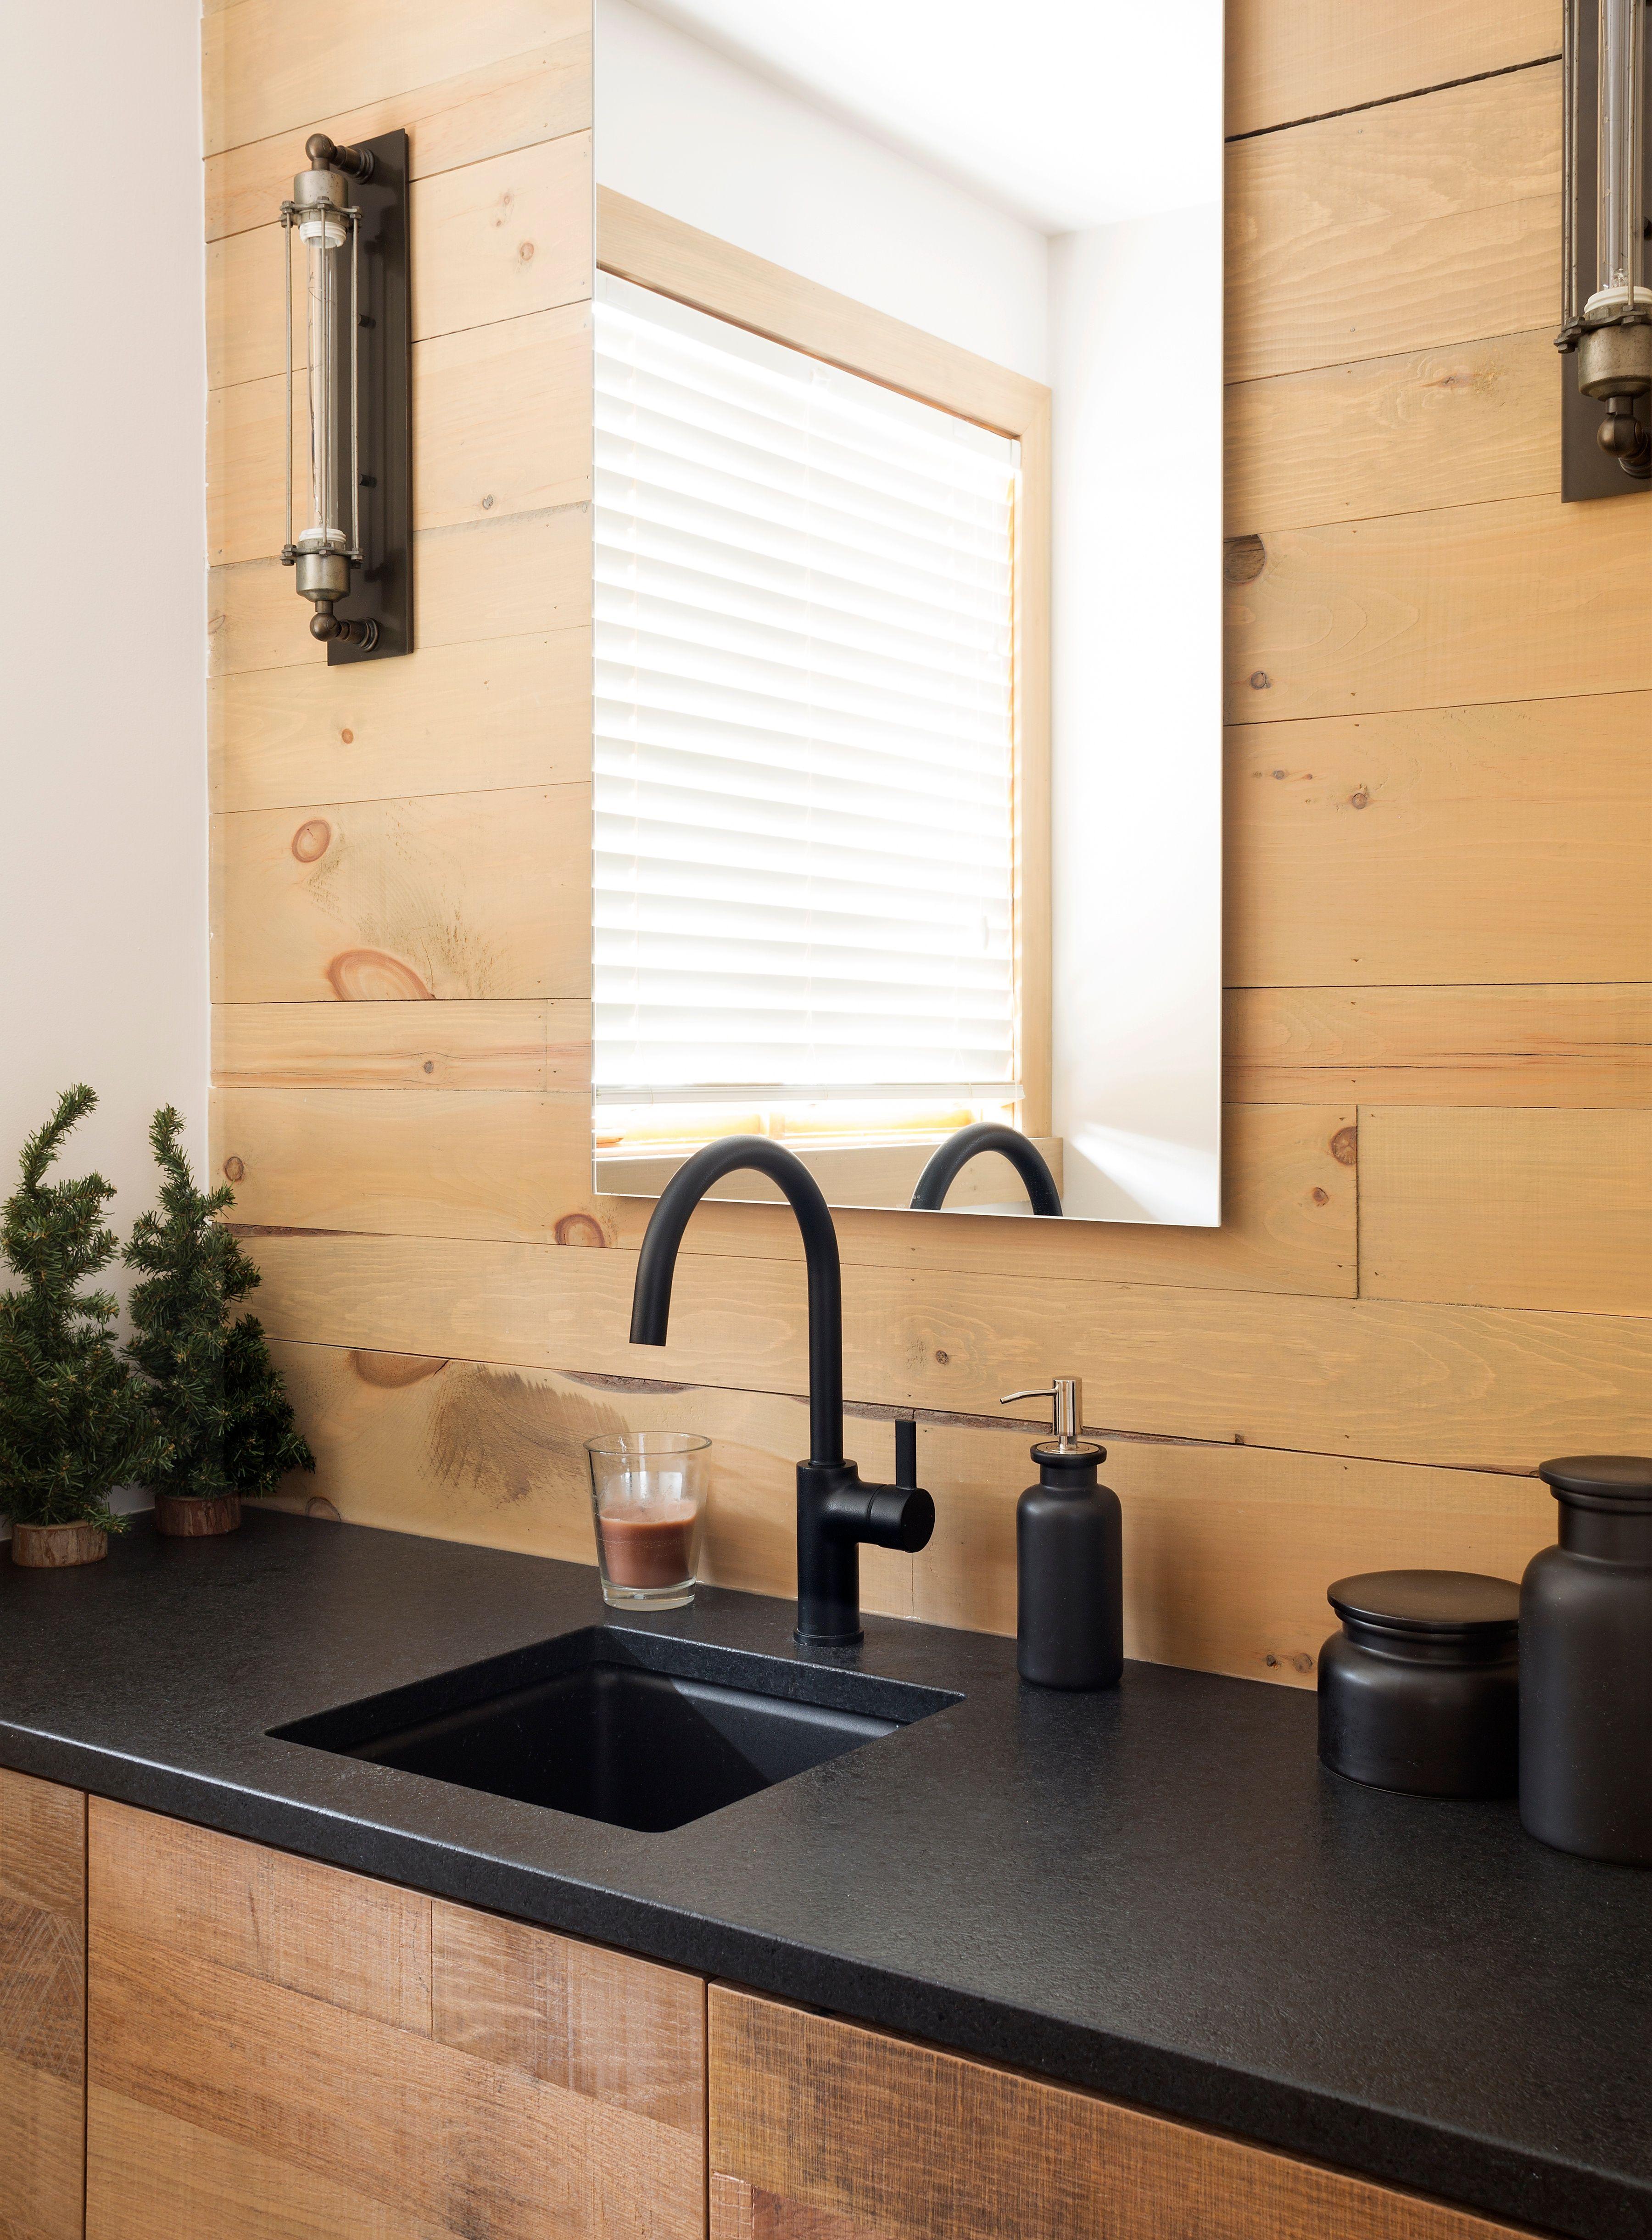 Black Bathroom Faucets Dark Bathrooms, Rustic Bathrooms, Dream Bathrooms, Black Kitchen Faucets,  Matte Black Bathroom